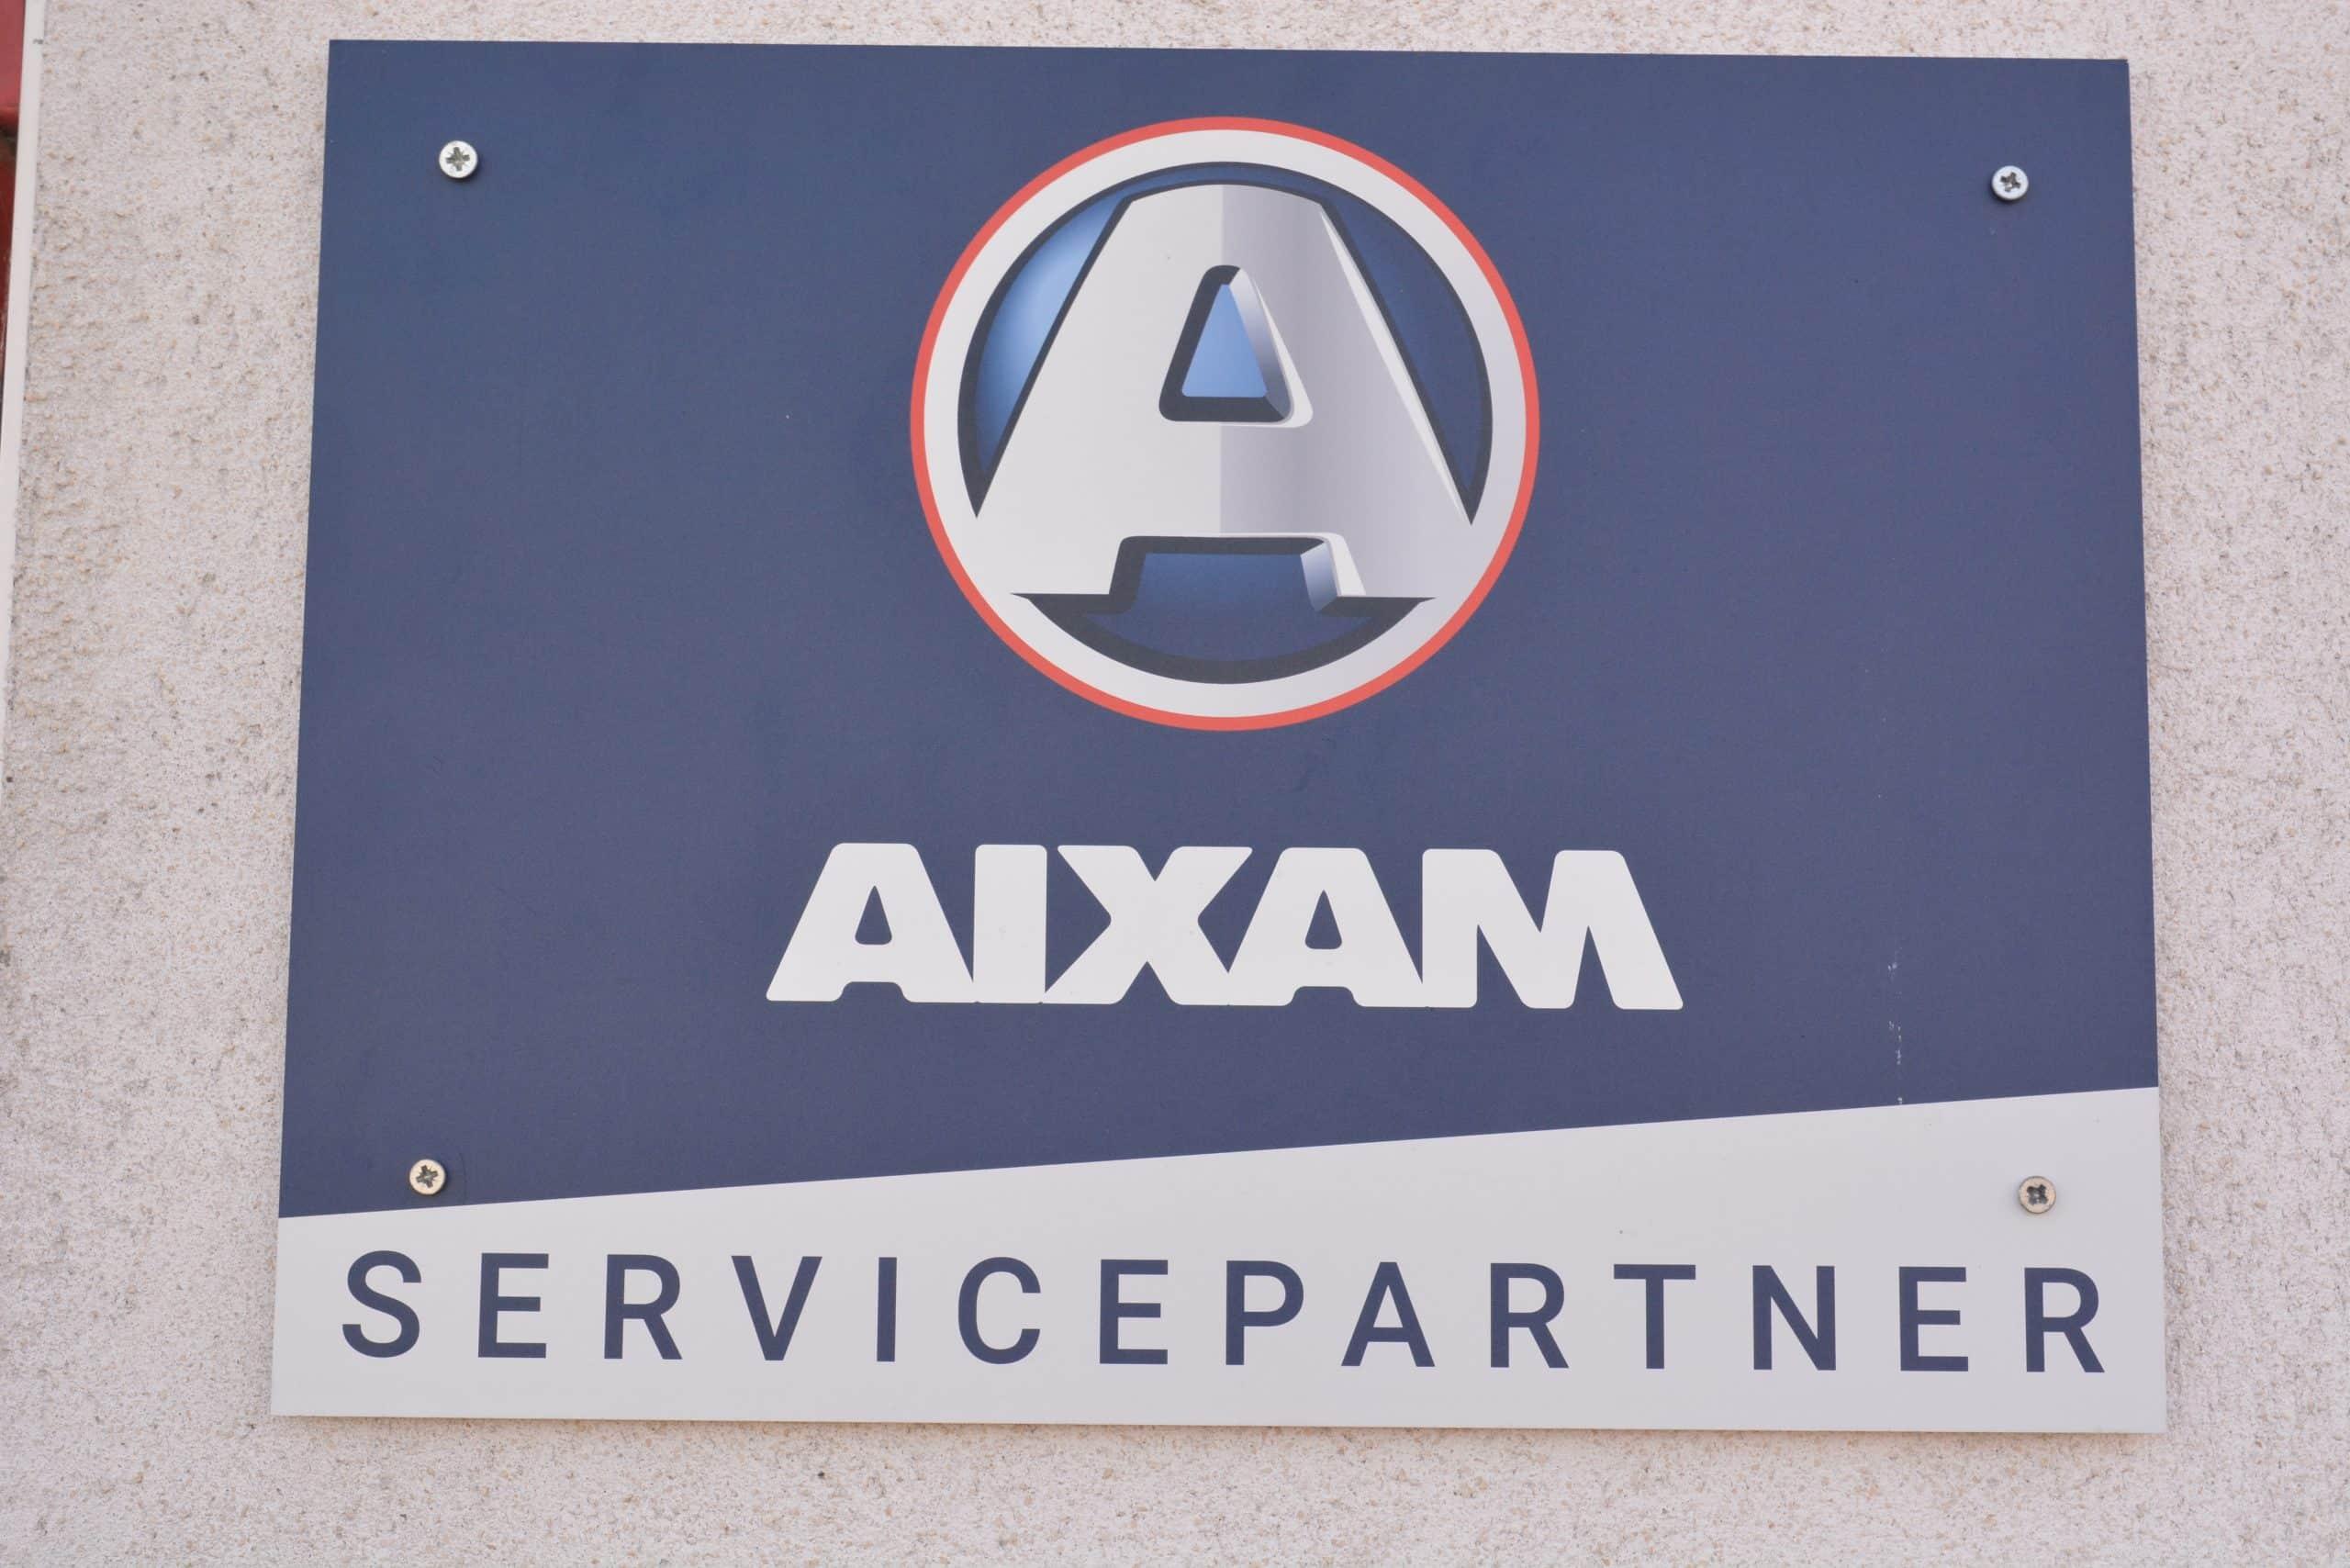 AIXAM Servicepartner